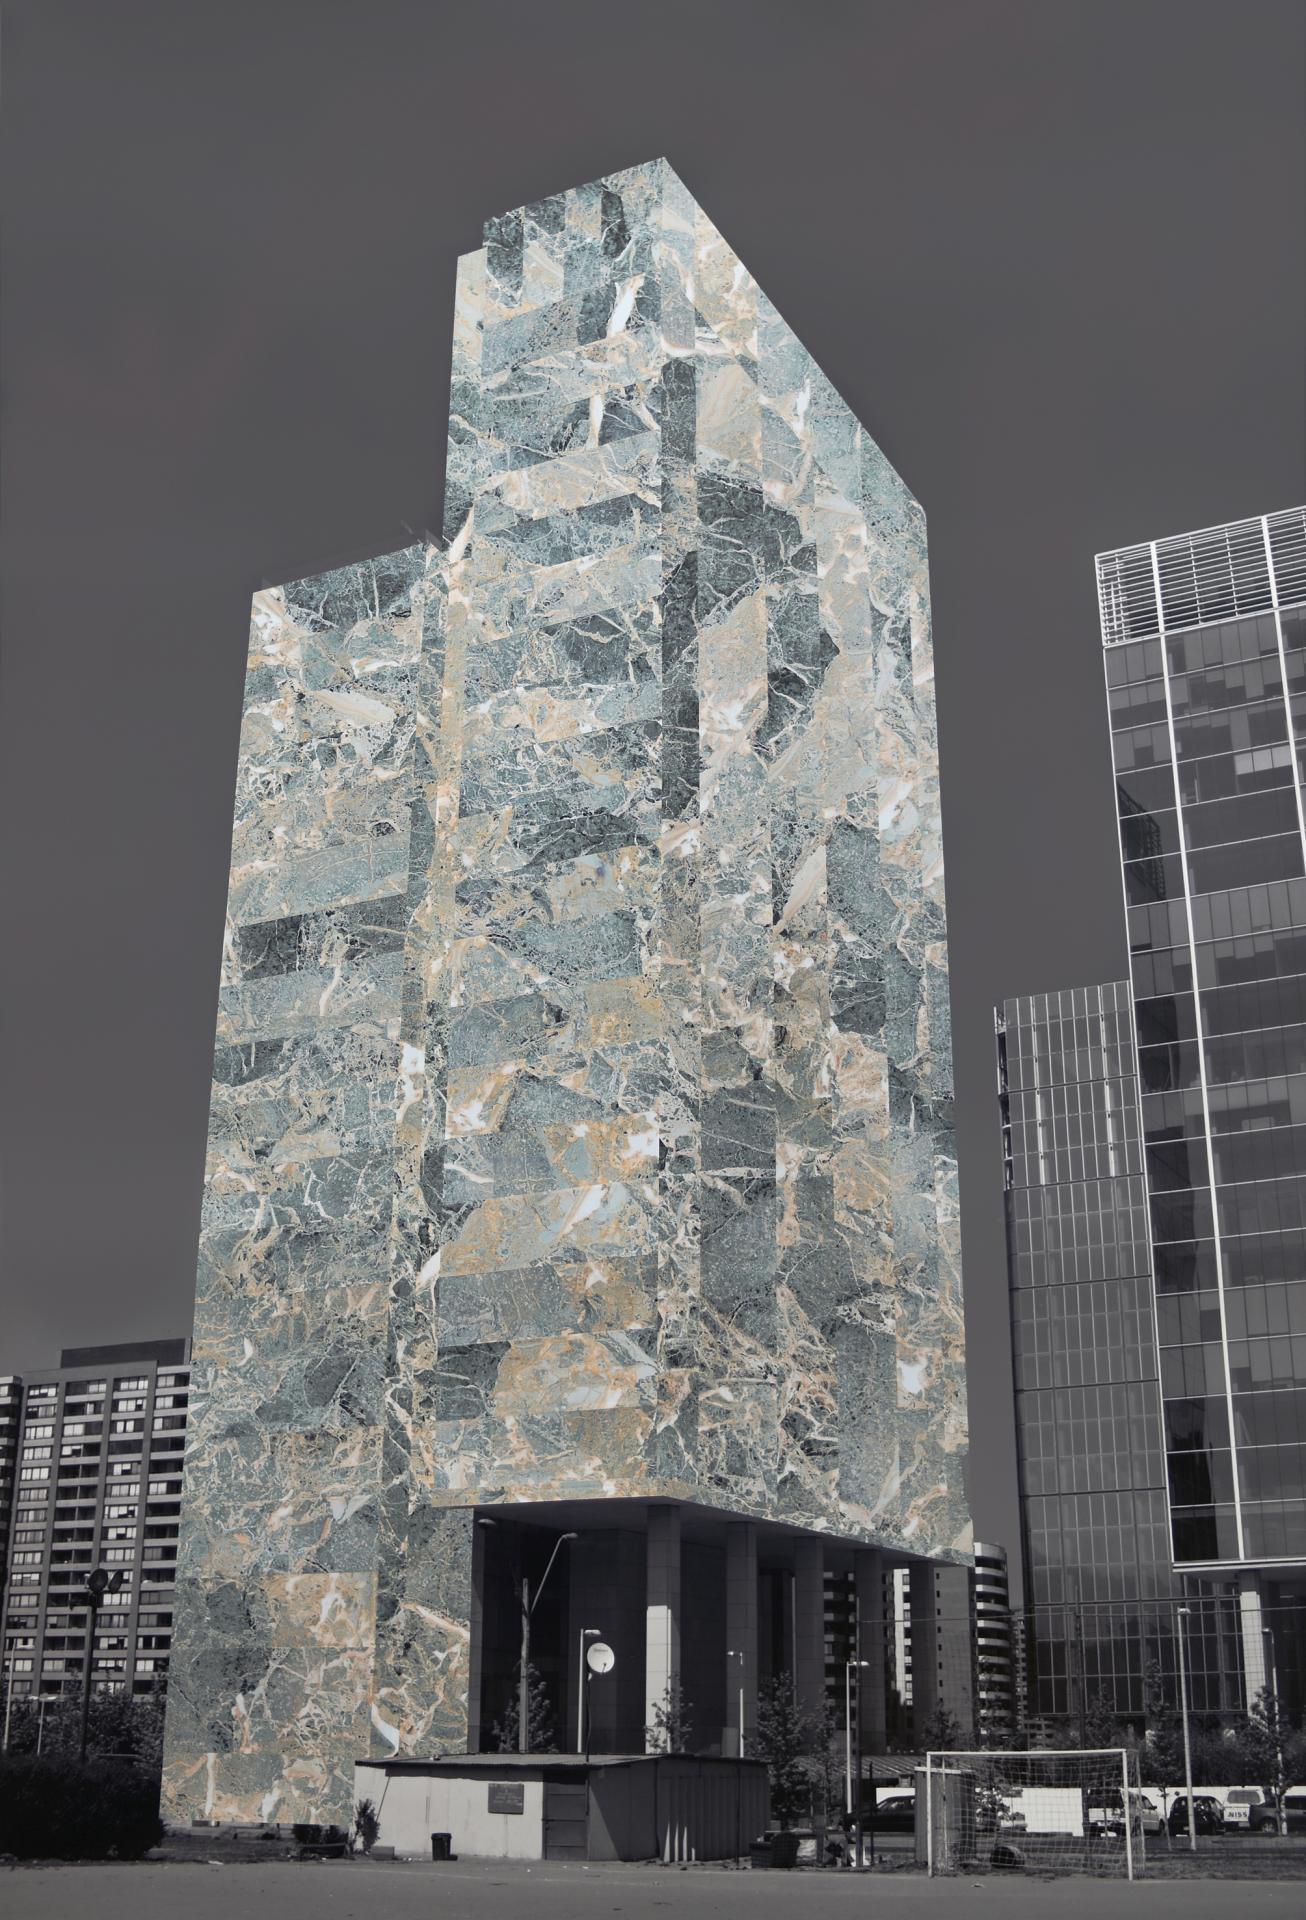 Proyecto Arquitecturas Revestidas Para La Ciudad De Santiago; Edi Cio #8, [Ed. 3 + 1 P.A.] (2008) - Patrick Hamilton